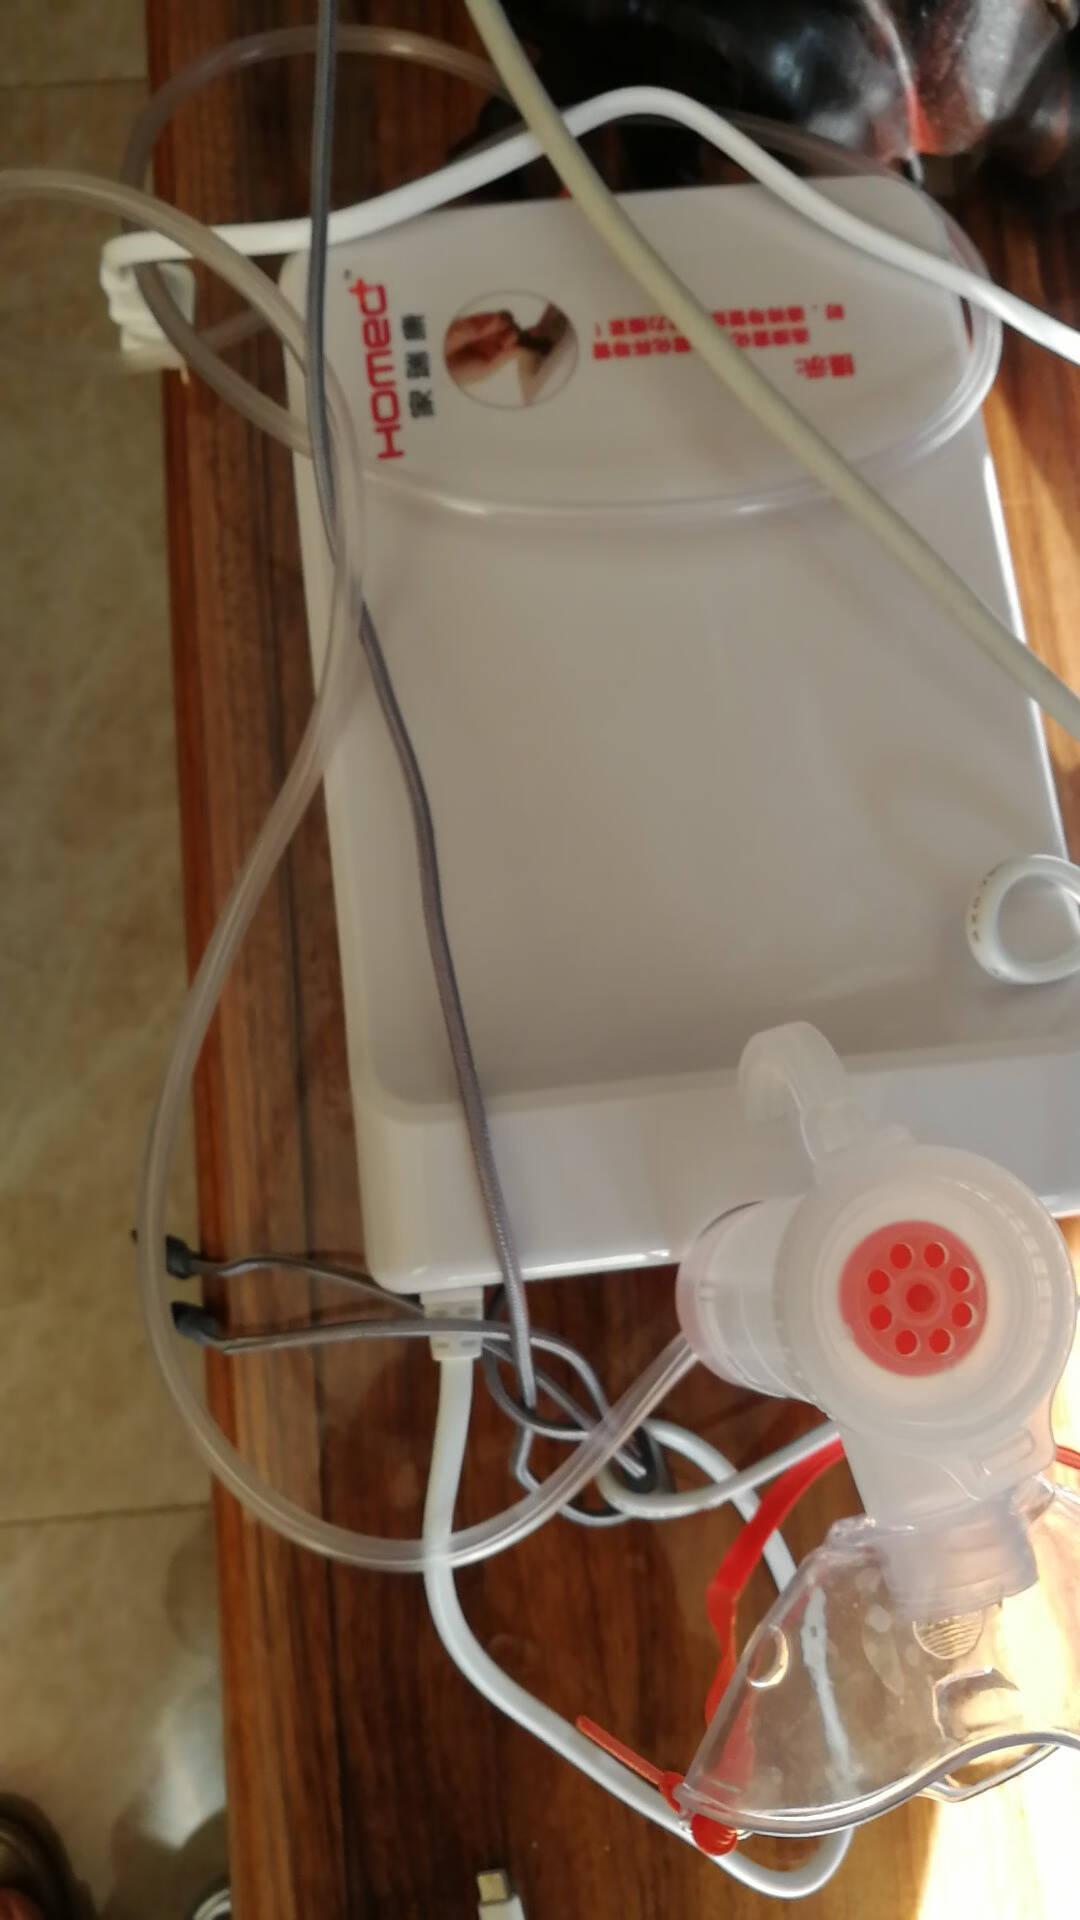 家瑞康(HOMED)压缩式雾化器家用儿童婴儿雾化机成人医用雾化泵医院同款JLN-2311HD+5套原装面罩